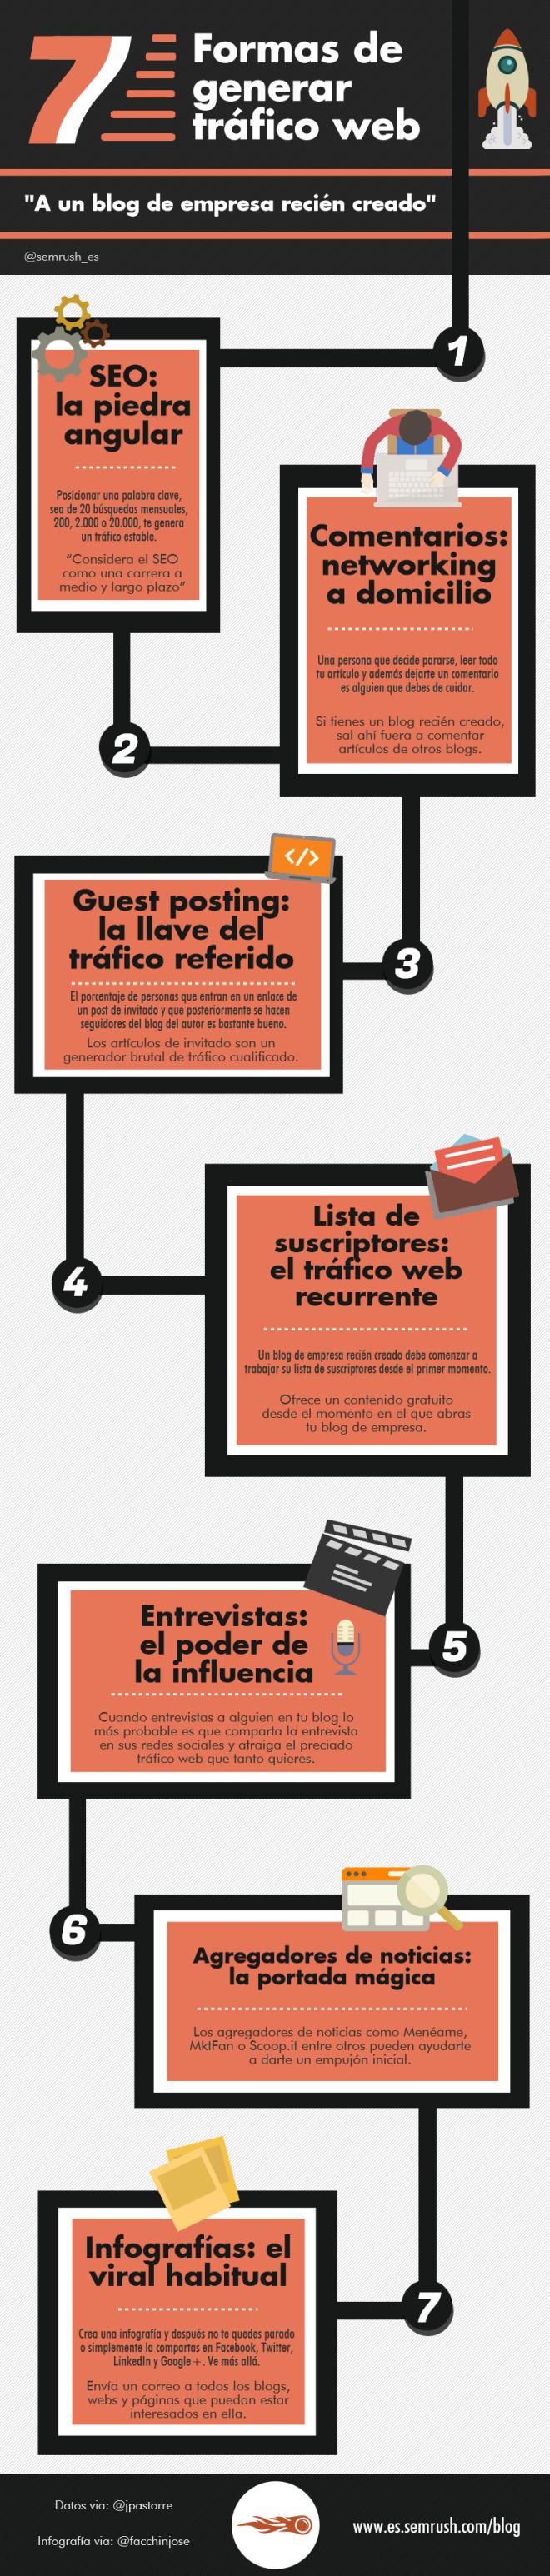 7 formas de aumentar el tráfico a tu nuevo Blog de empresa